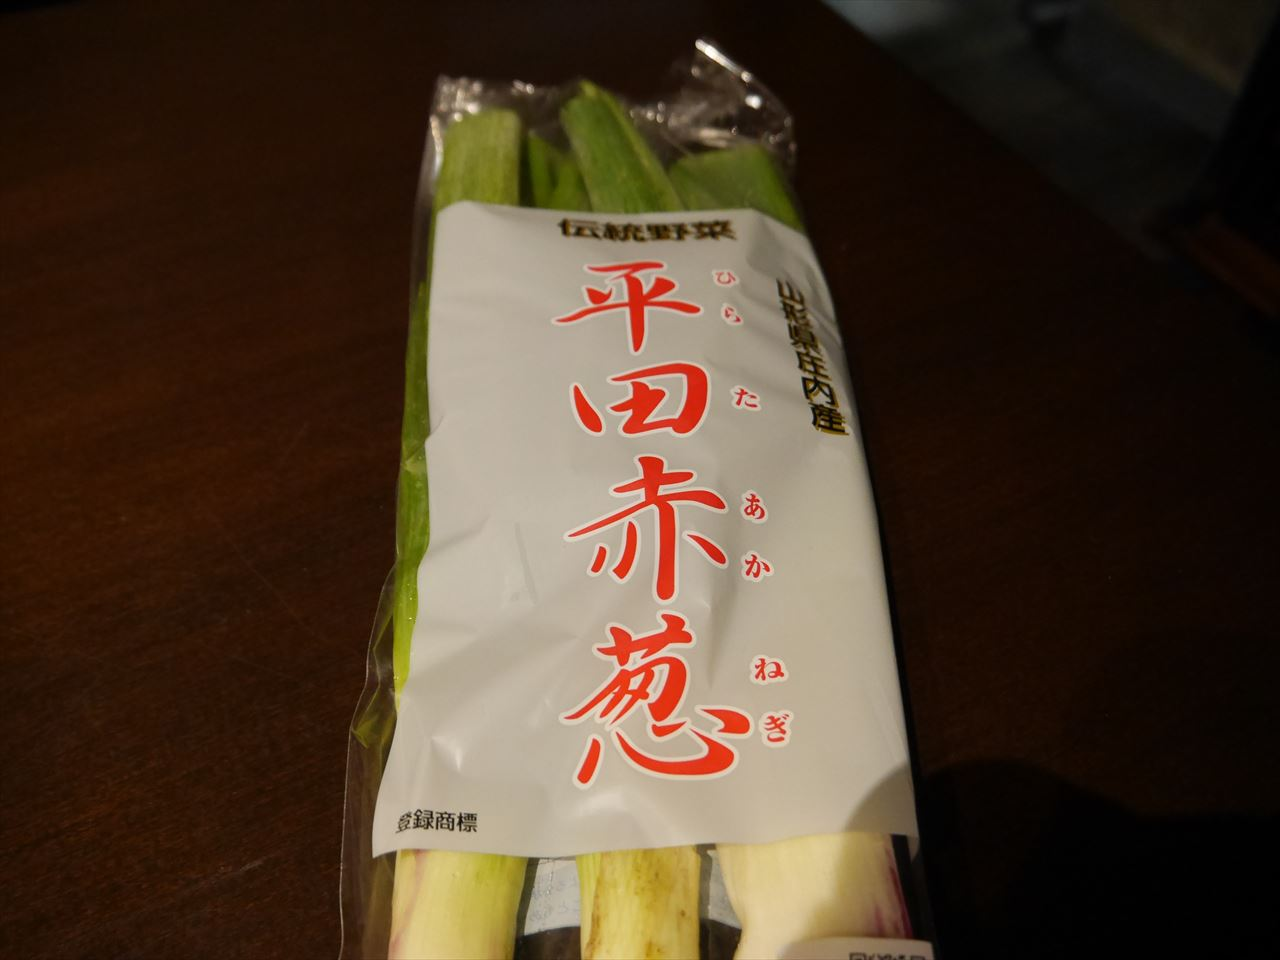 山形県産の赤葱を堪能しまくる会に参加してきました